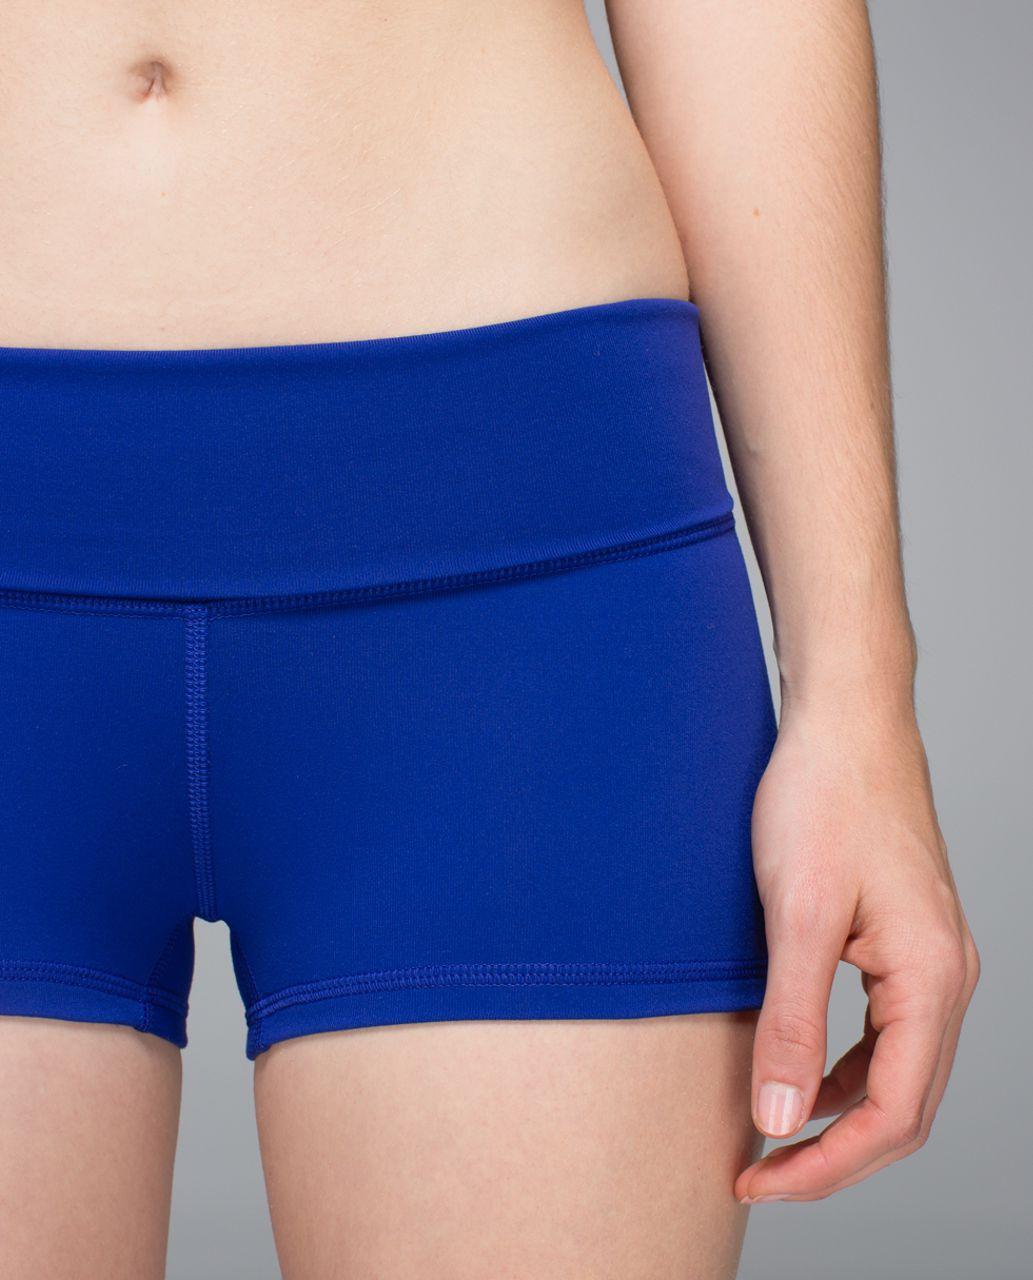 Lululemon Boogie Short (Roll Down) *Full-On Luon - Pigment Blue